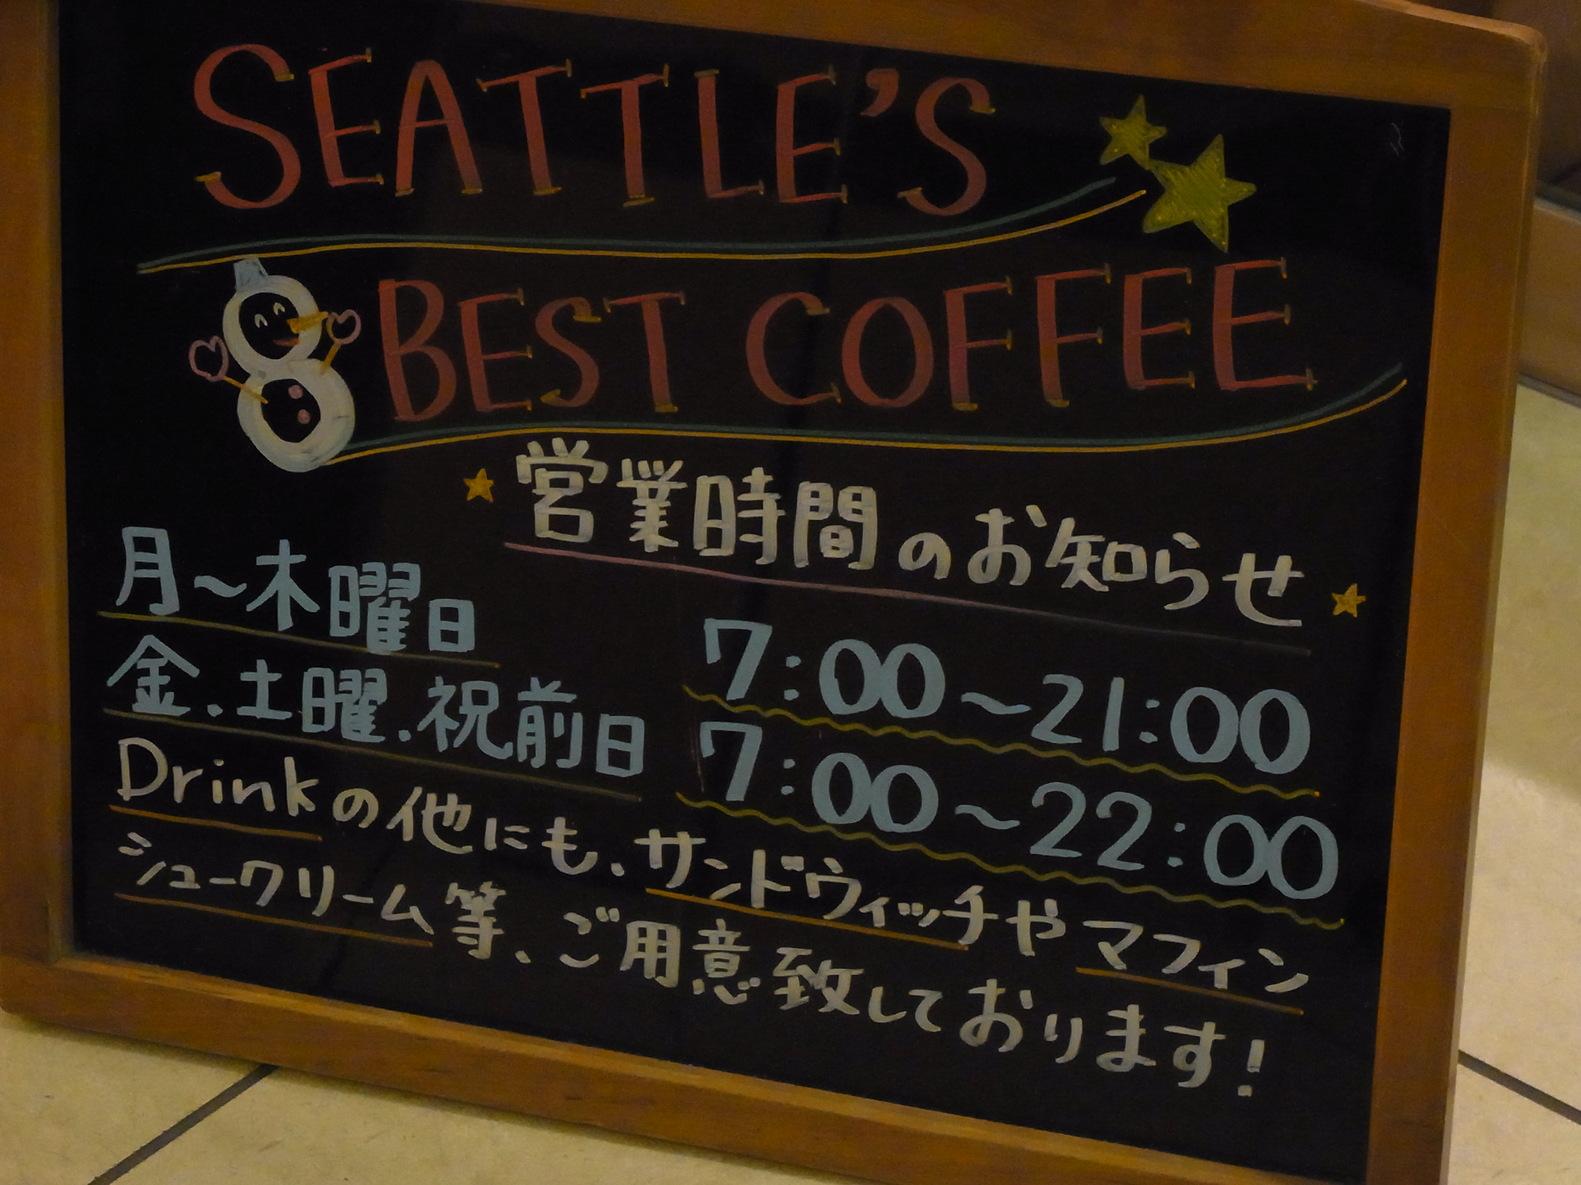 シアトルズベストコーヒー 金沢中央店